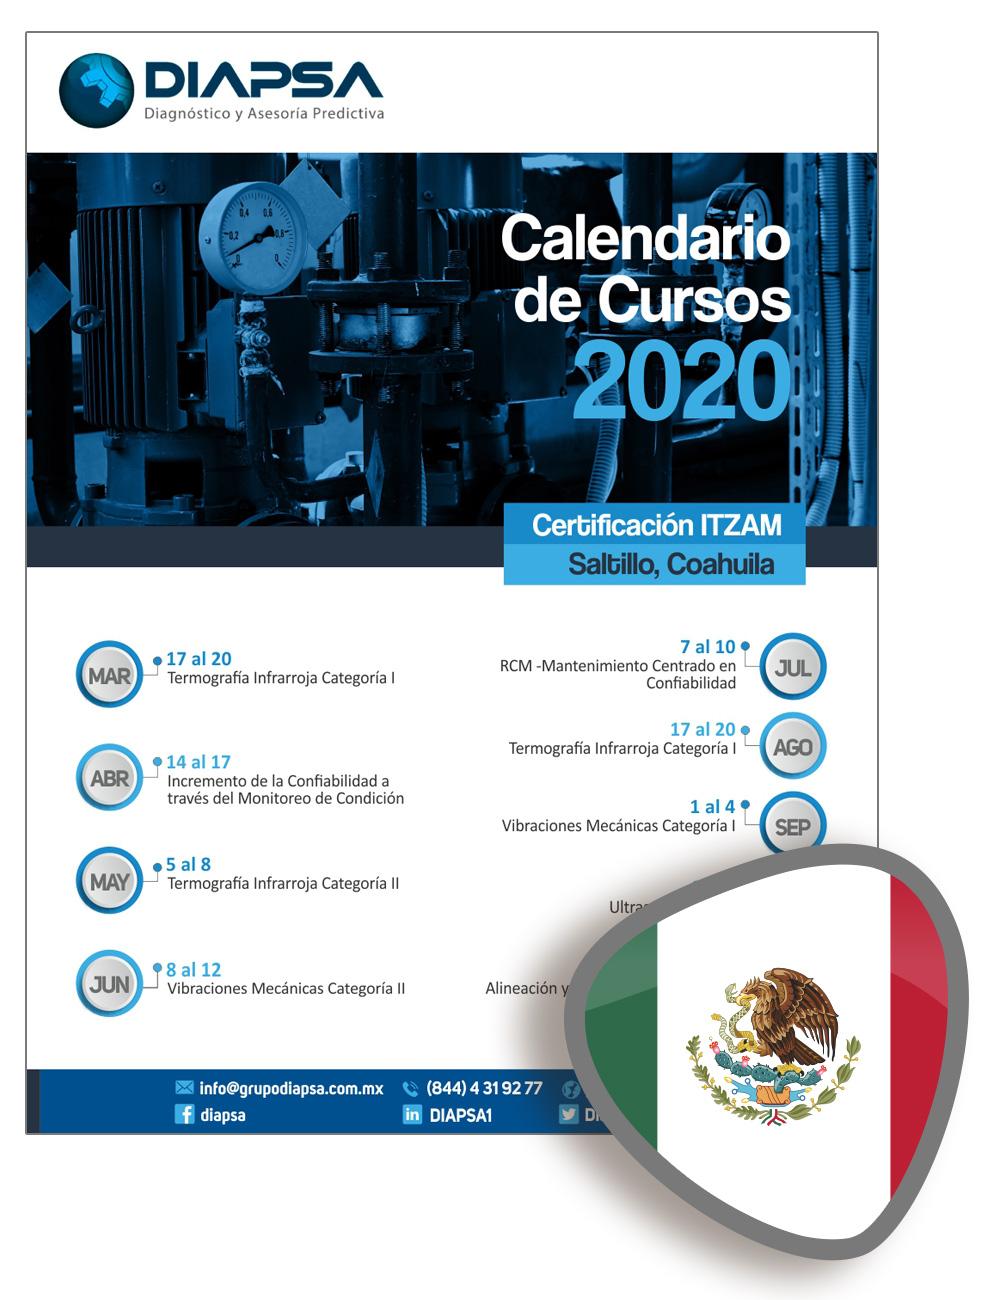 Calendario México Diapsa 2020